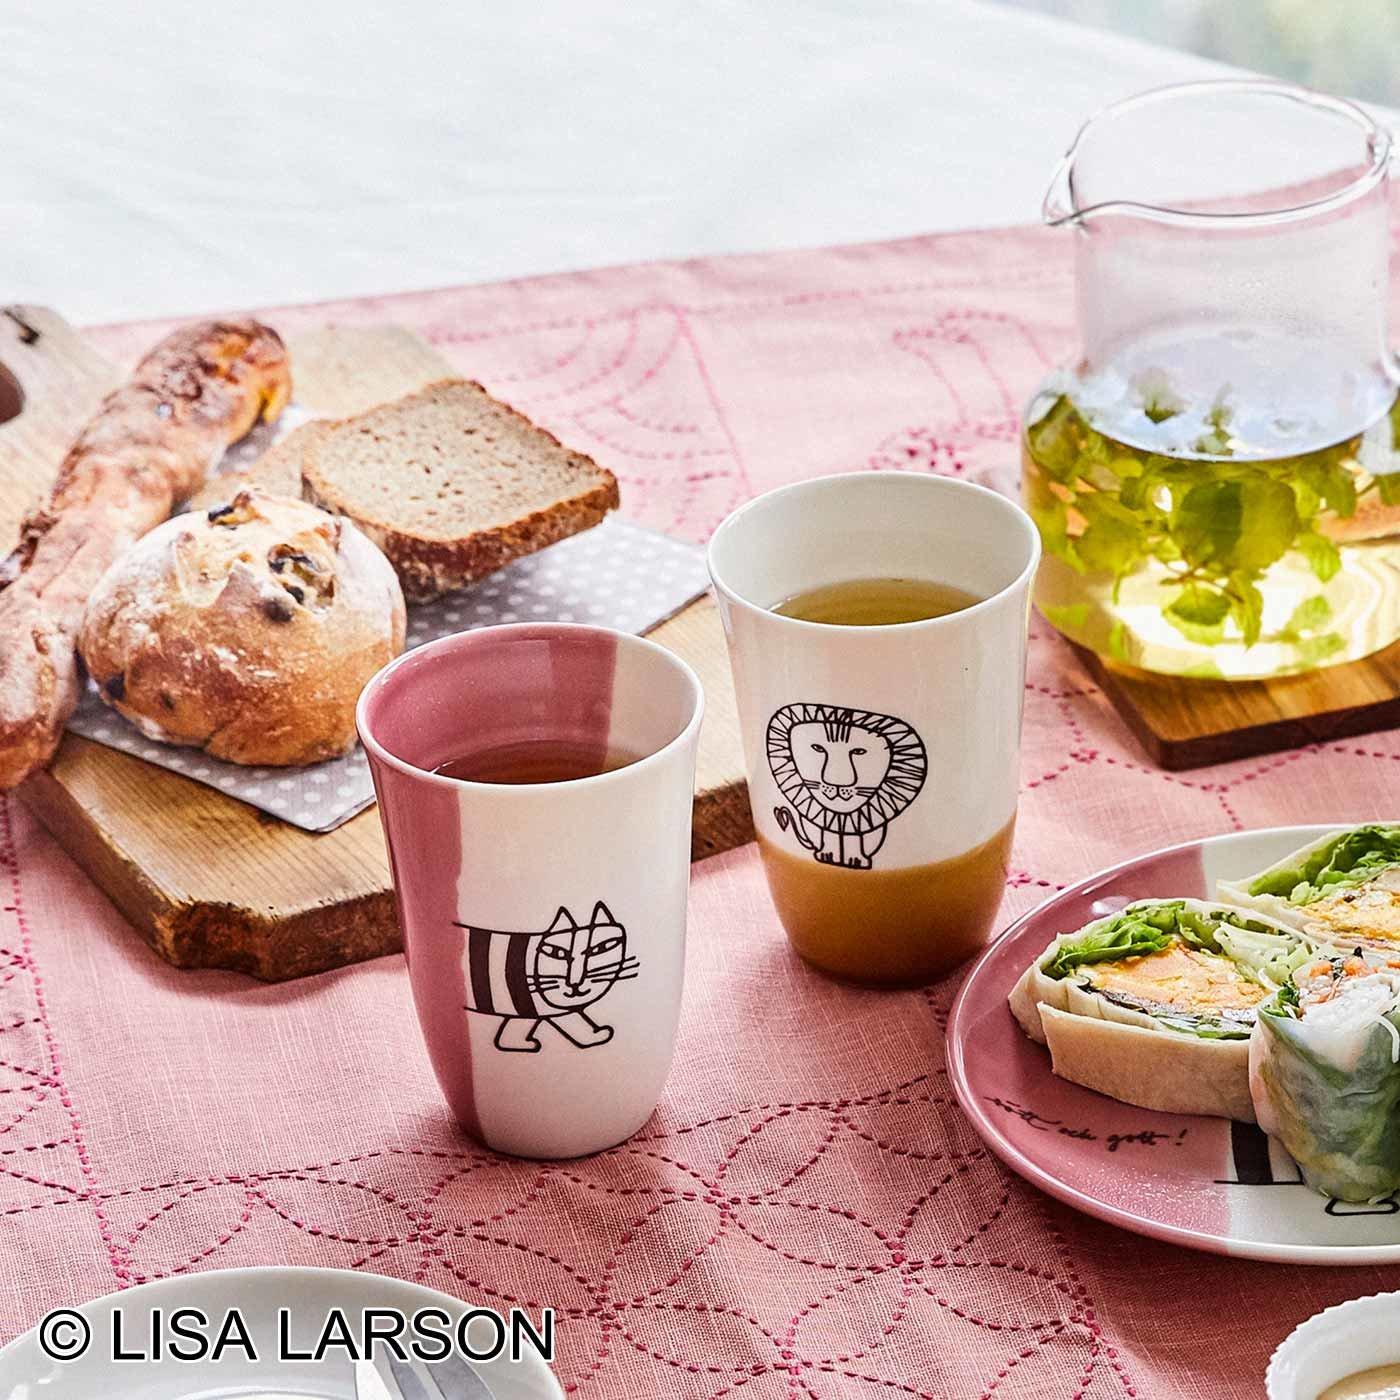 リサ・ラーソン 和にも洋にも マイキー&レオのフリーカップセット